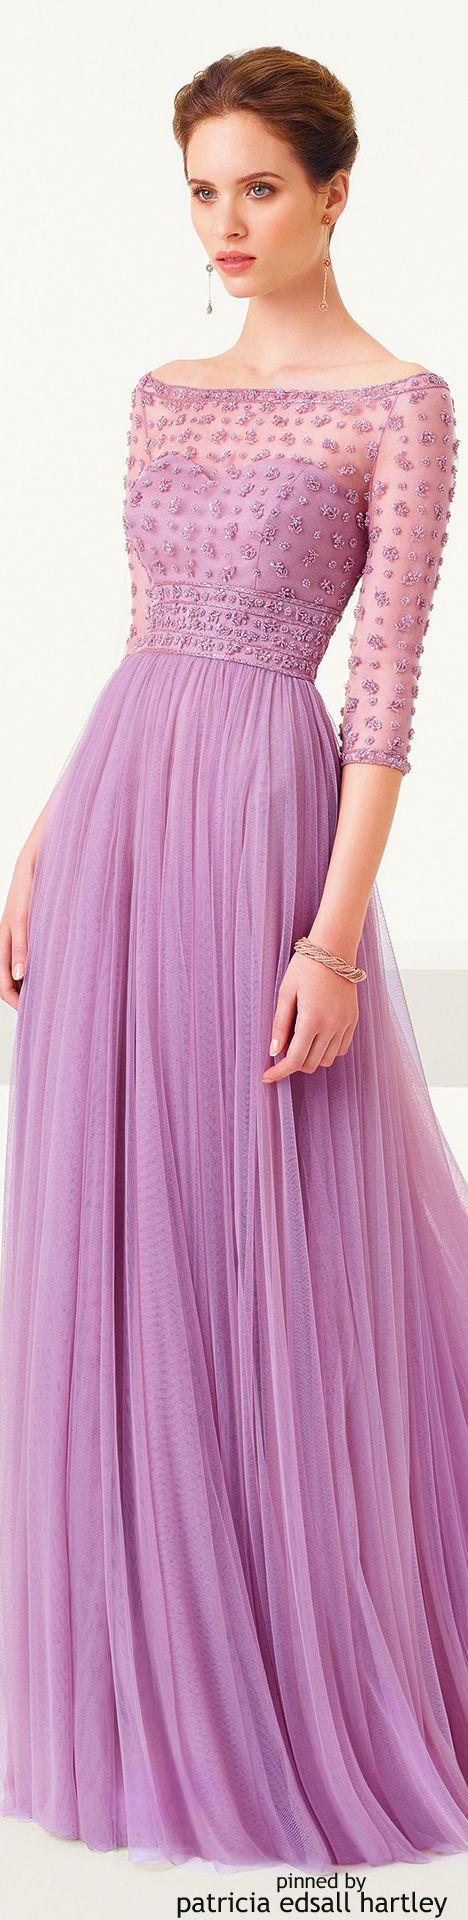 Mejores 65 imágenes de vestidos en Pinterest